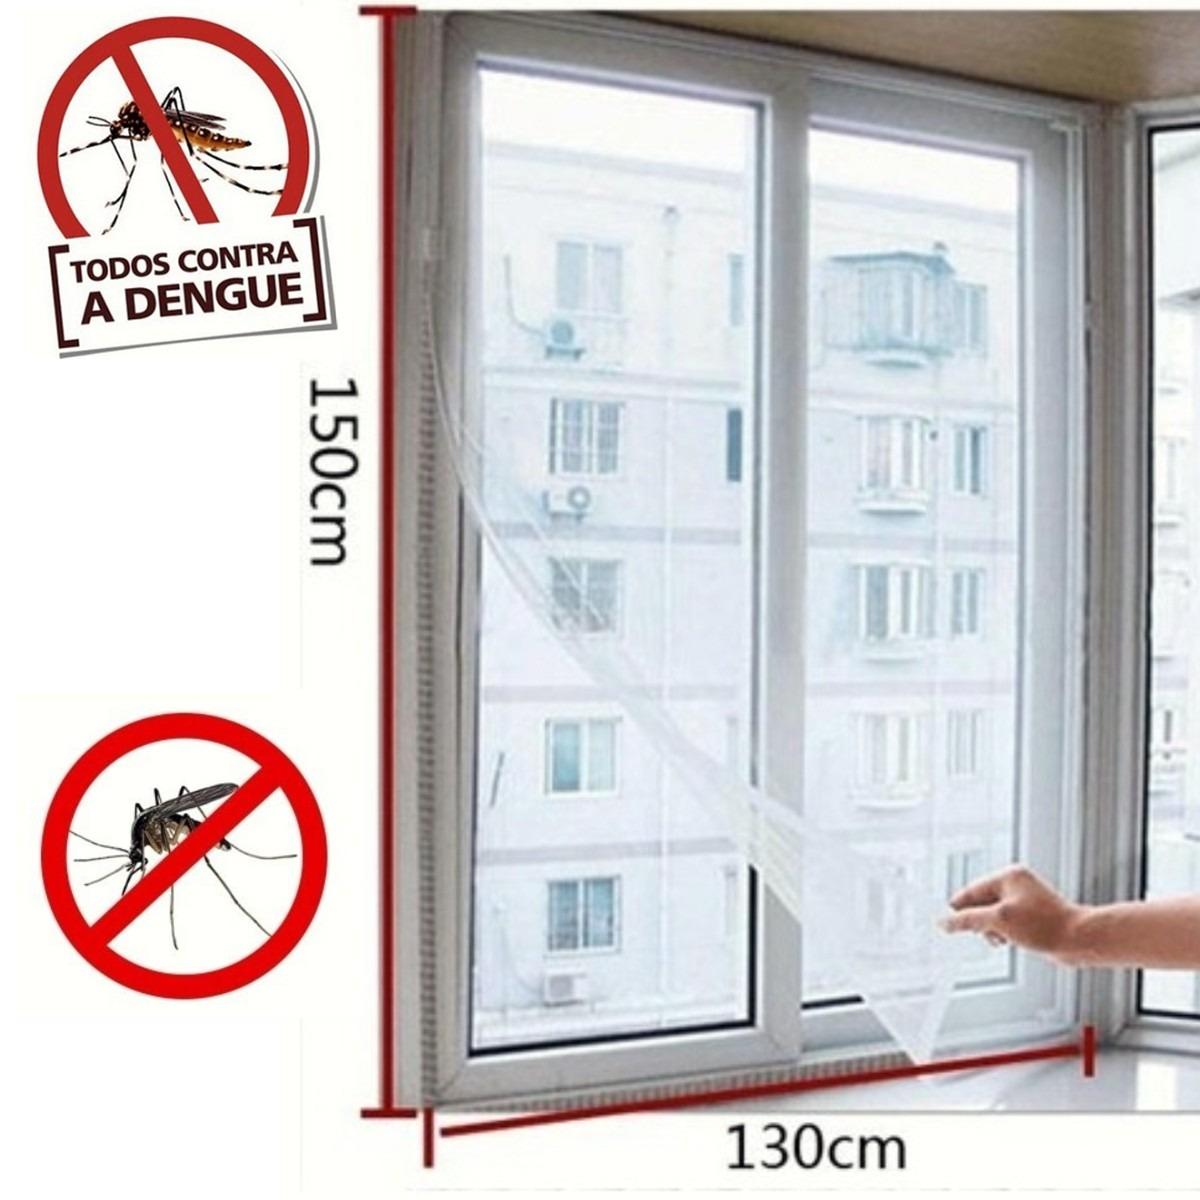 #BD0E0E Tela De Janela Protetora Contra Insetos E Mosquito Da Dengue R$ 26  1466 Tela Janela Contra Pernilongo